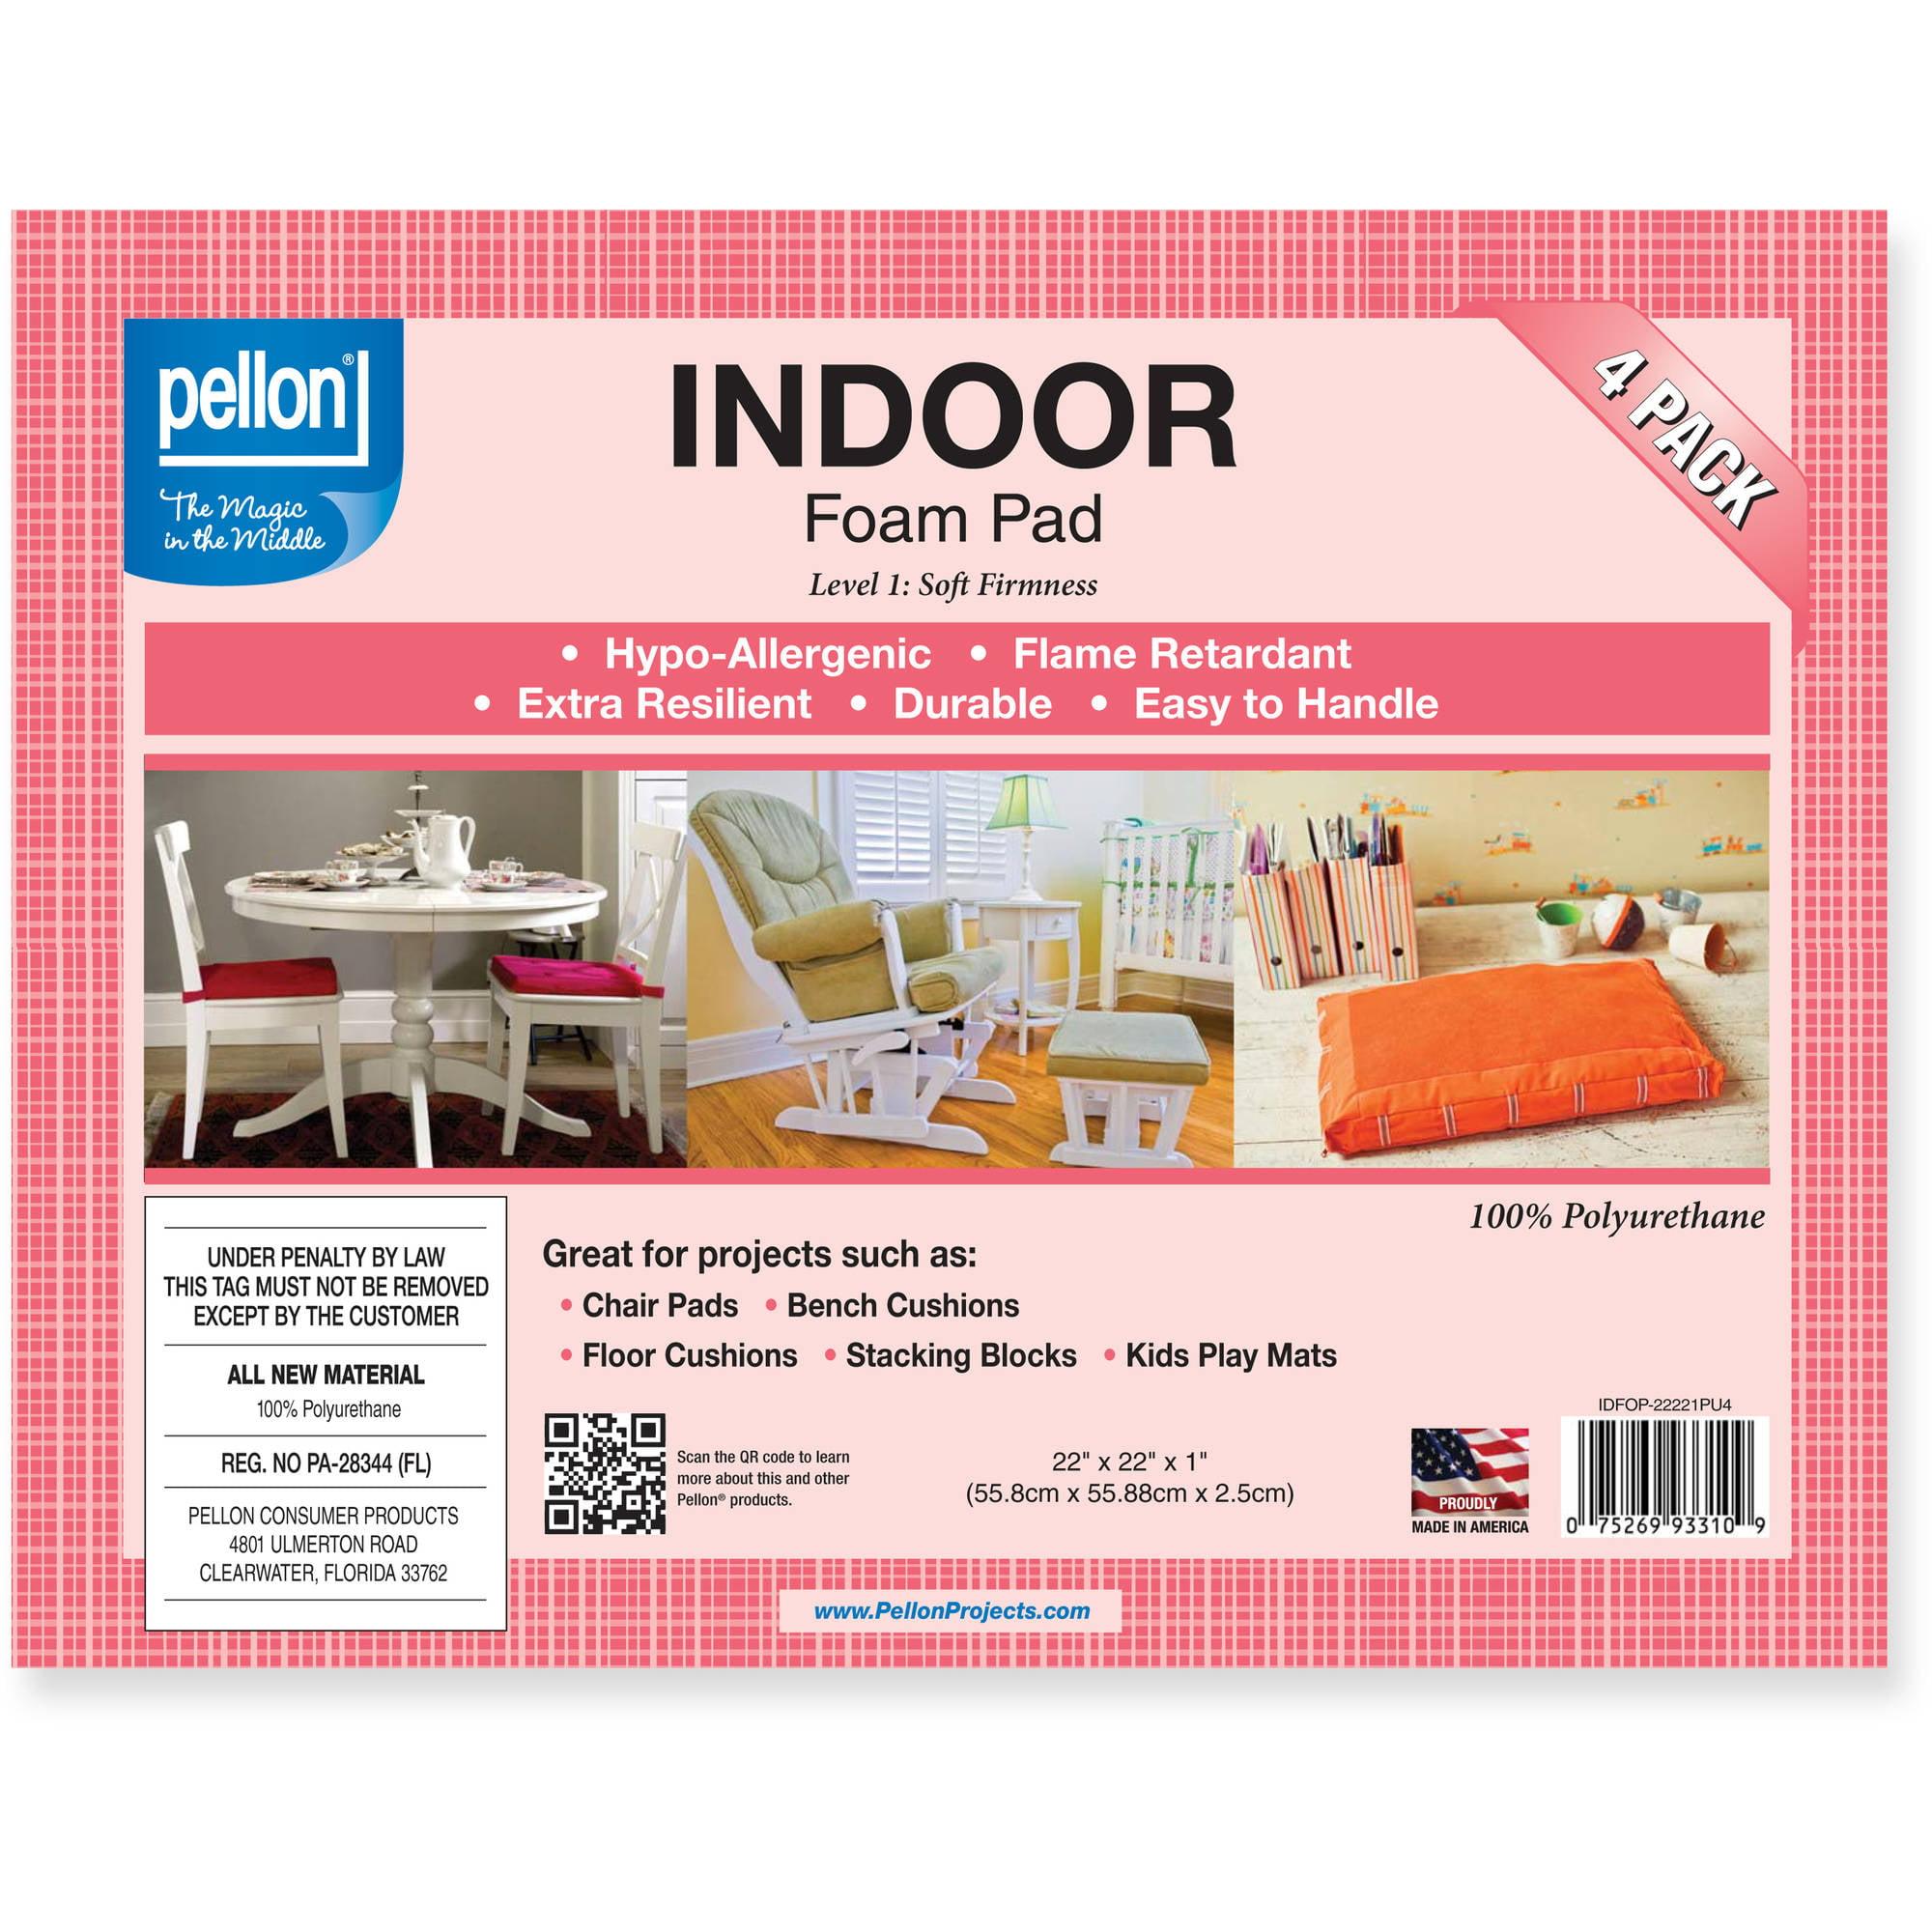 Pellon Indoor Foam Pad